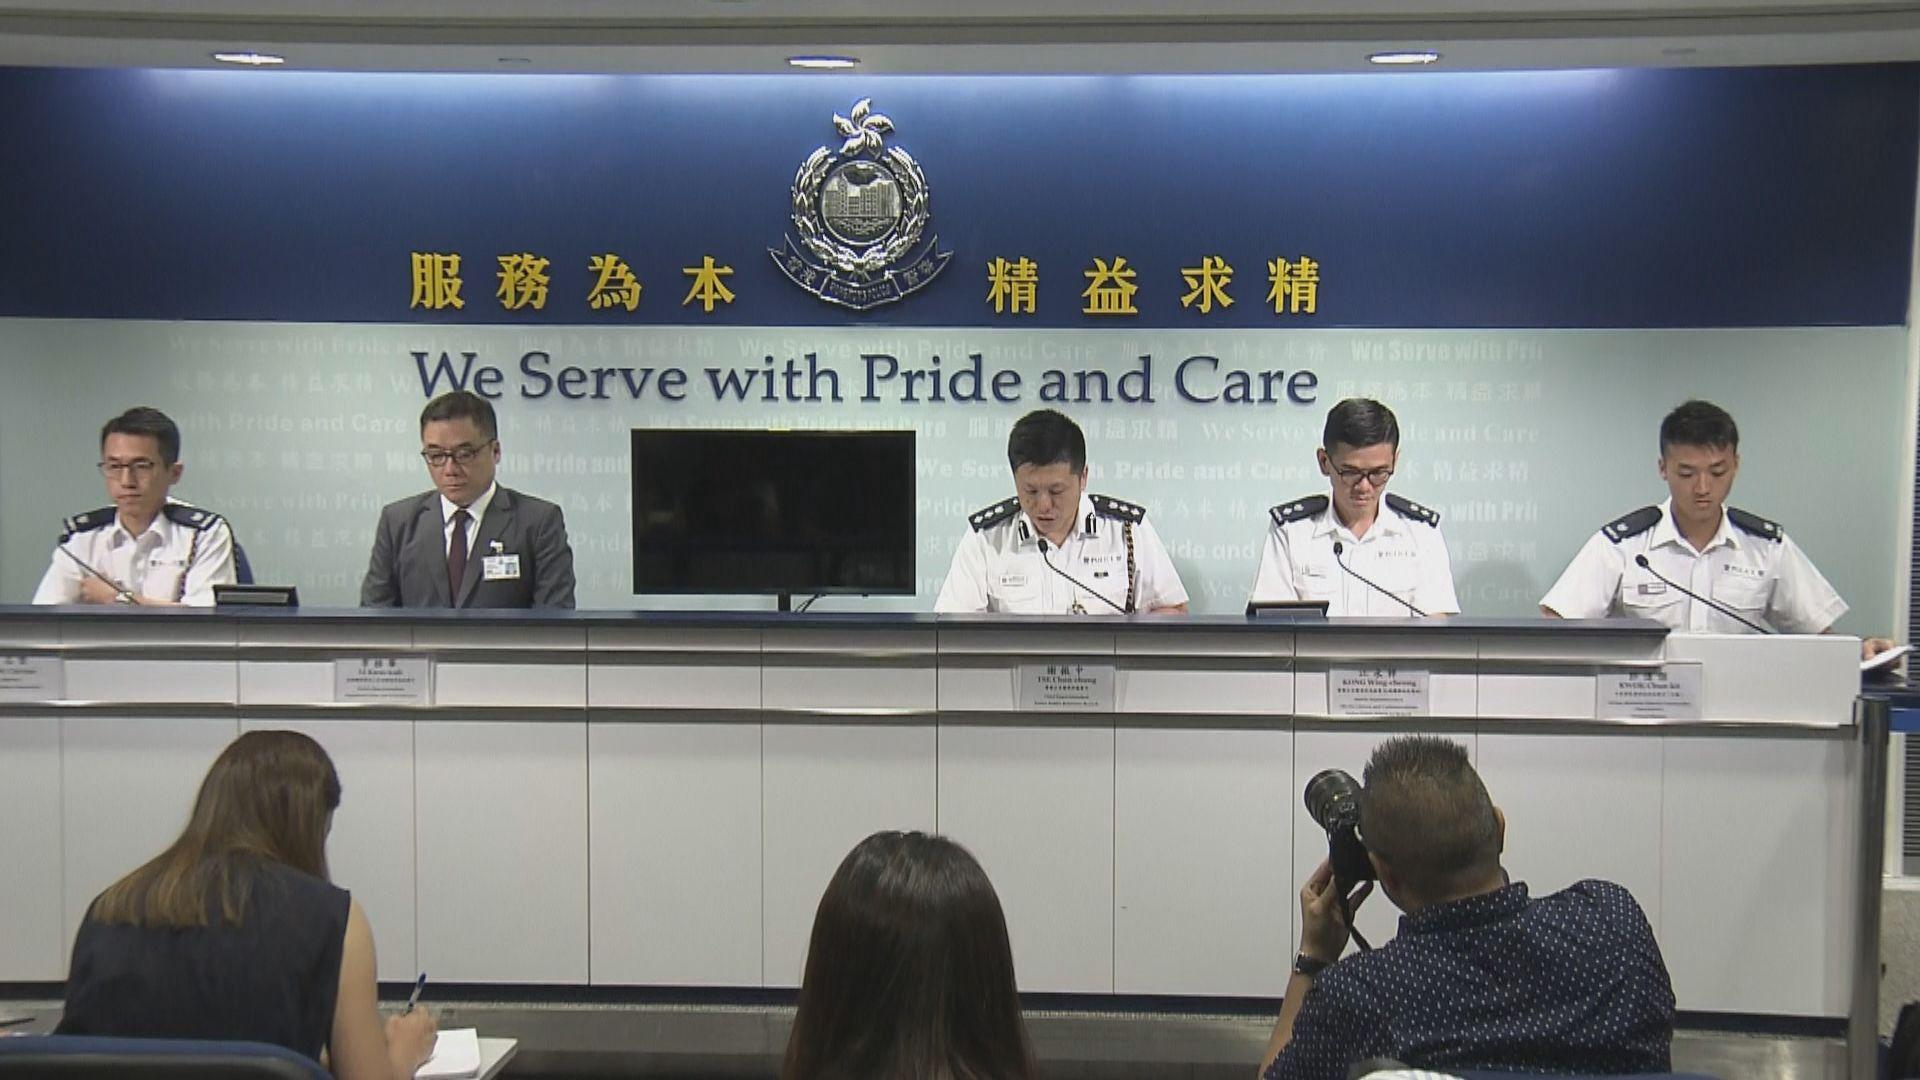 【即日焦點】831太子站 警方承認有警員曾向救護員指站內無傷者 消防處重申未有死亡或失蹤個案;英國延長留學生畢業後搵工期至兩年